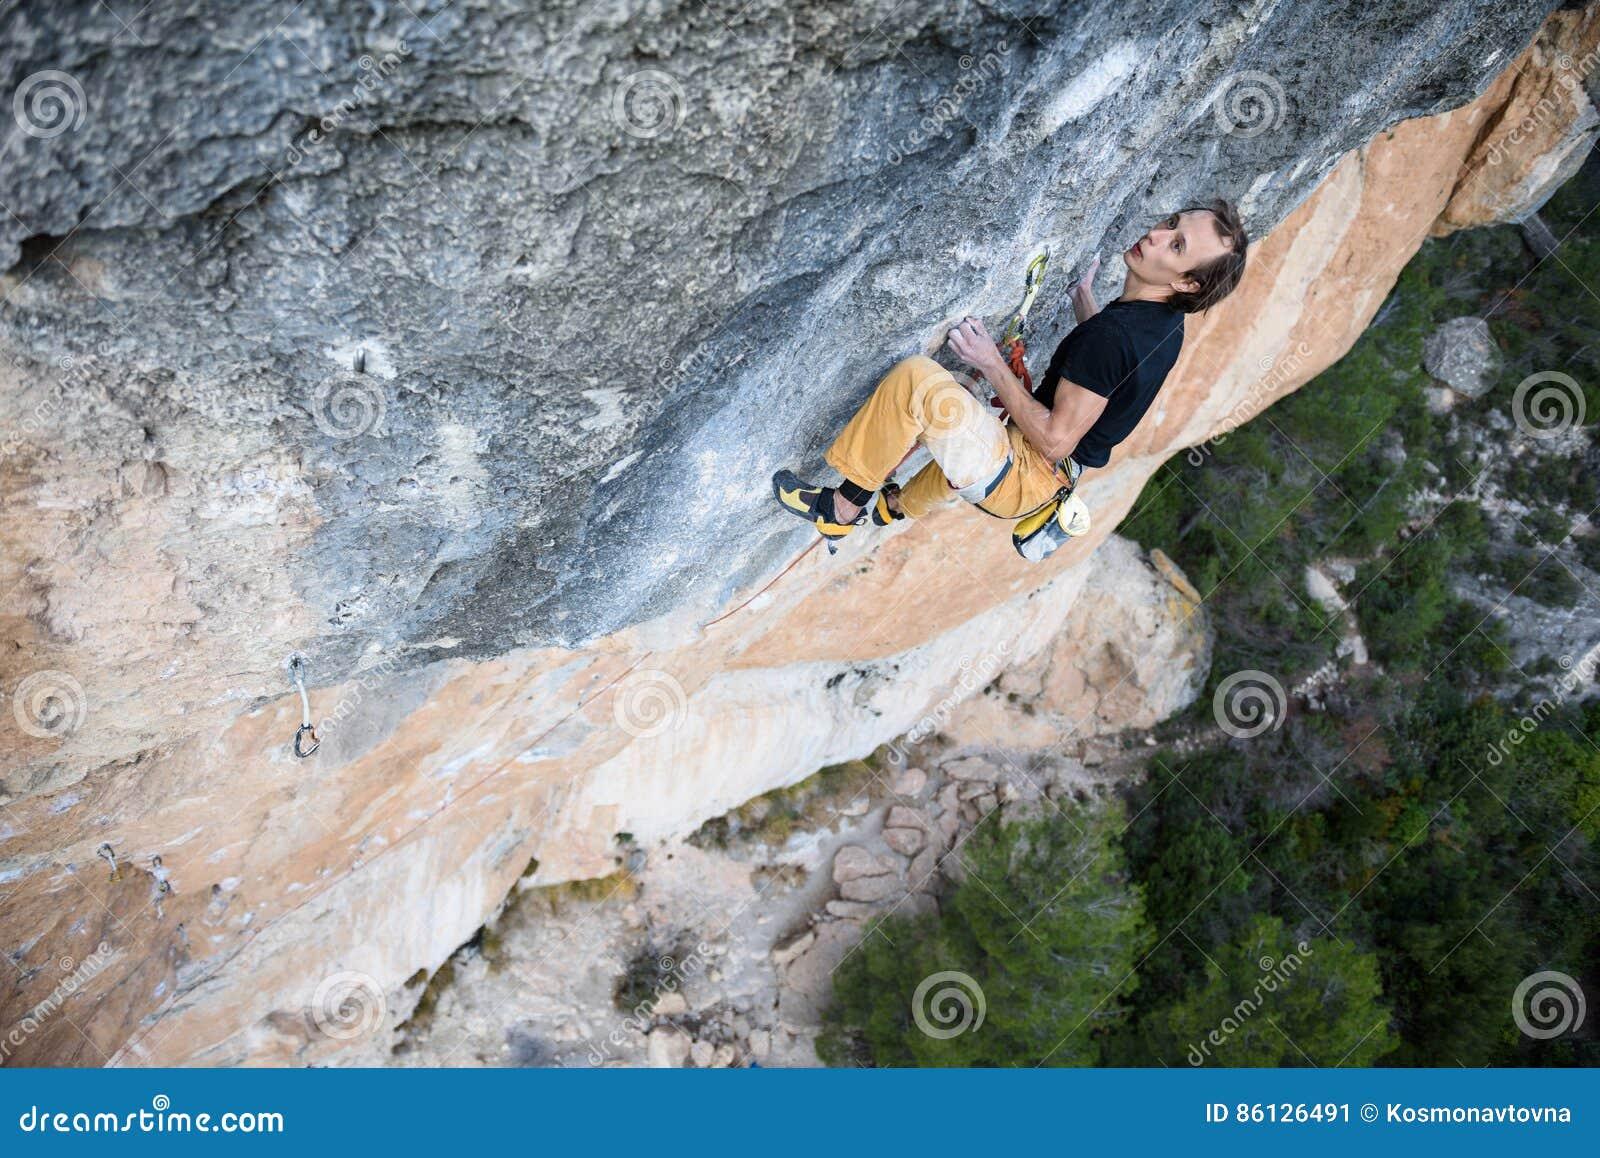 Ακραία αθλητική αναρρίχηση Προσπάθεια ορειβατών βράχου για την επιτυχία τρόπος ζωής υπαίθριος